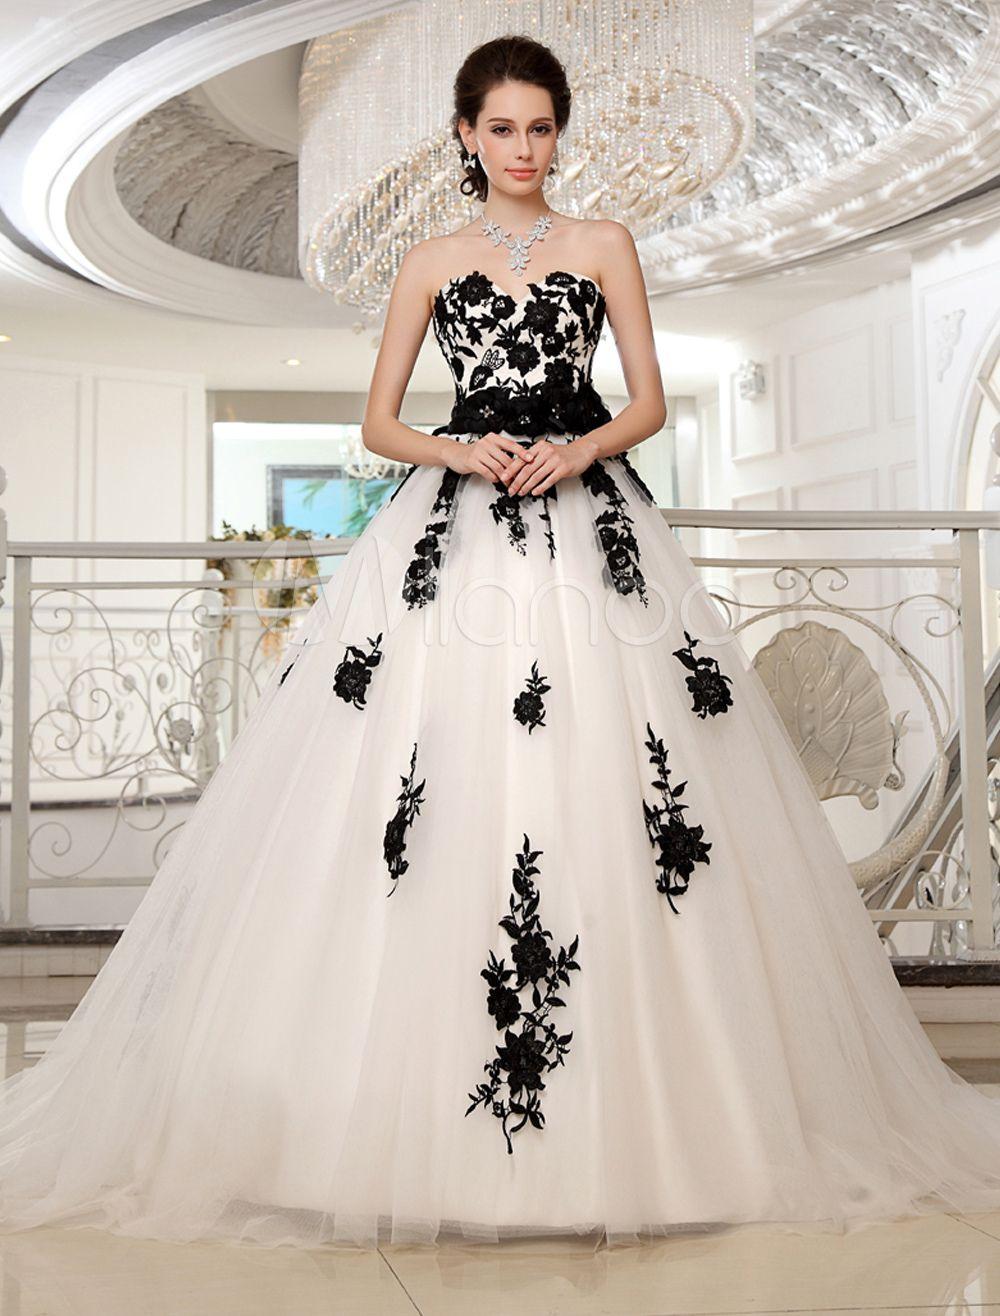 Wedding dresses strapless black bridal gown lace applique flowers